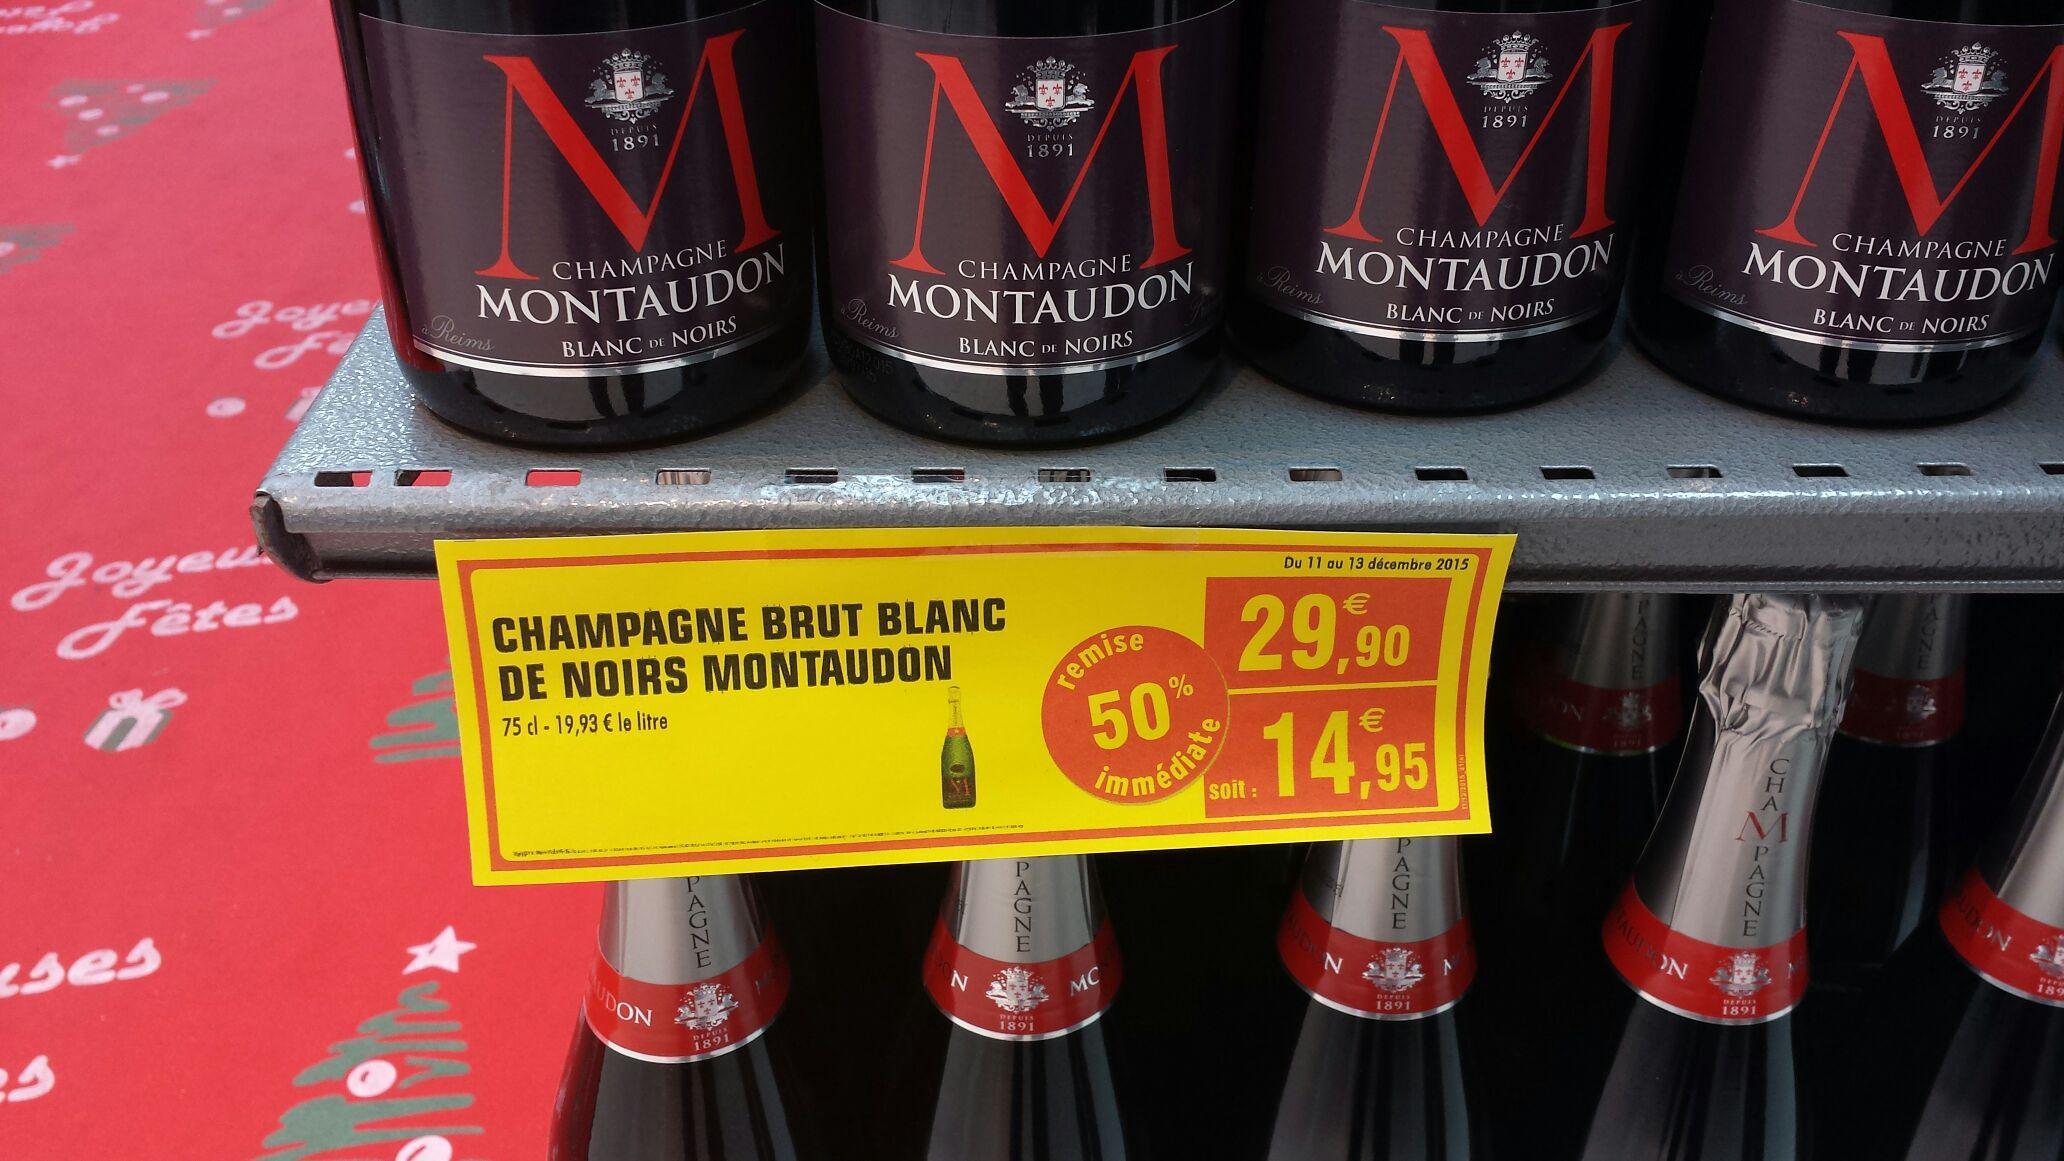 Champagne Brut Montaudon Blanc de noirs 75cl